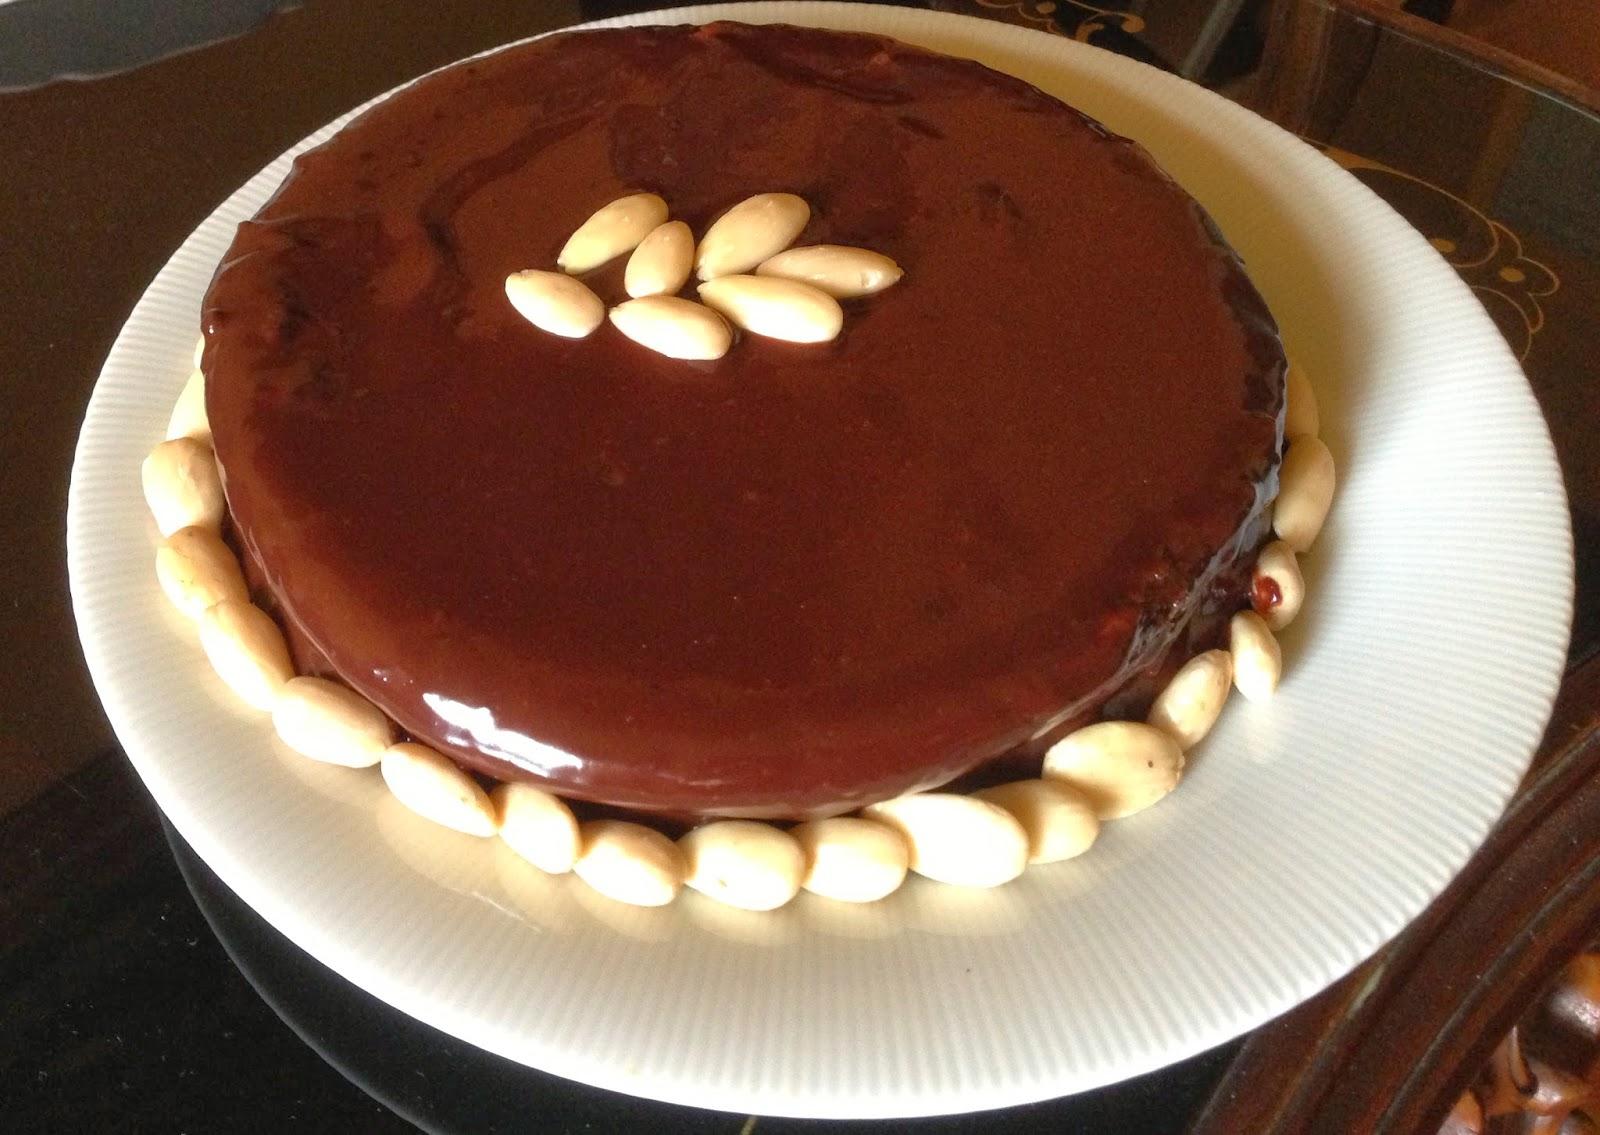 Torte Da Credenza Alice : Torta sacher di luca montersino